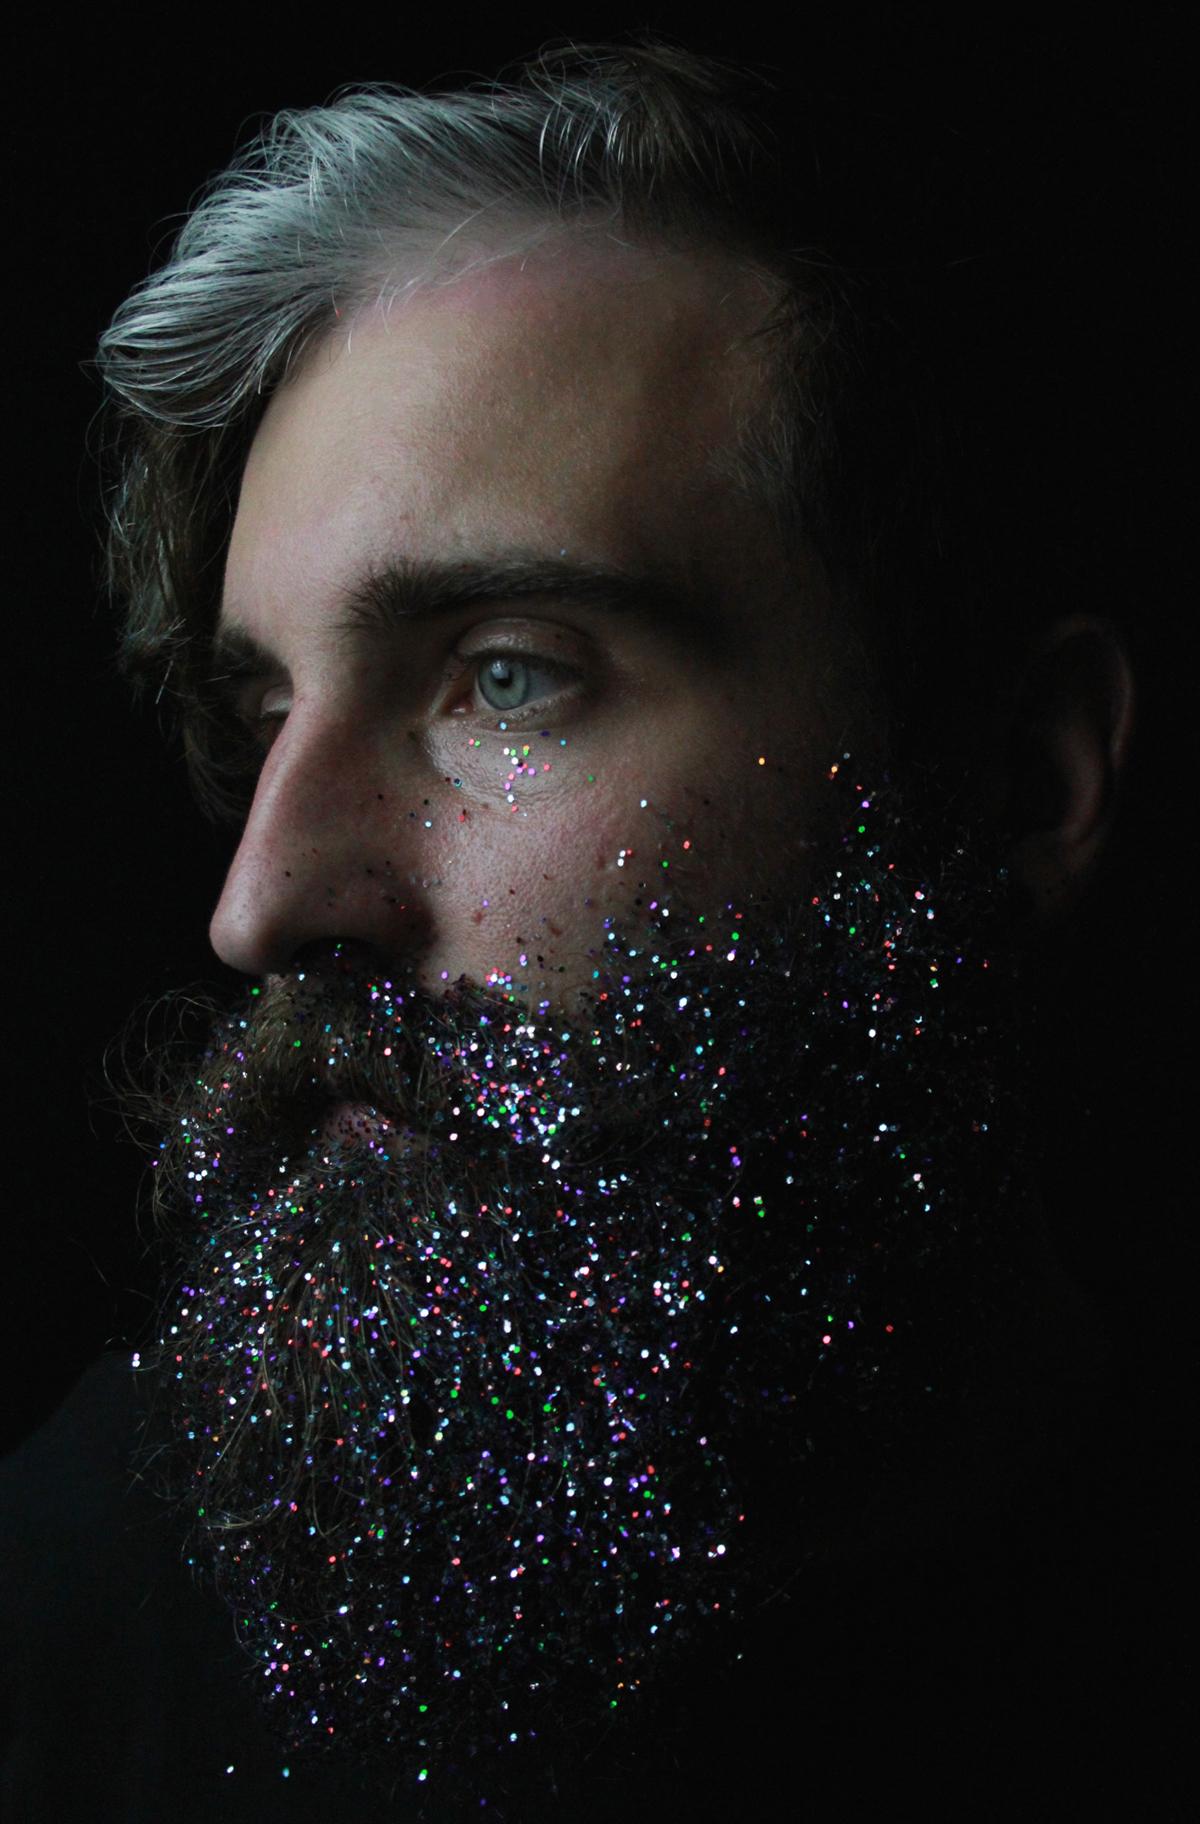 The+Gay+Beards-+Two+best+friends,+two+best+beards (4)